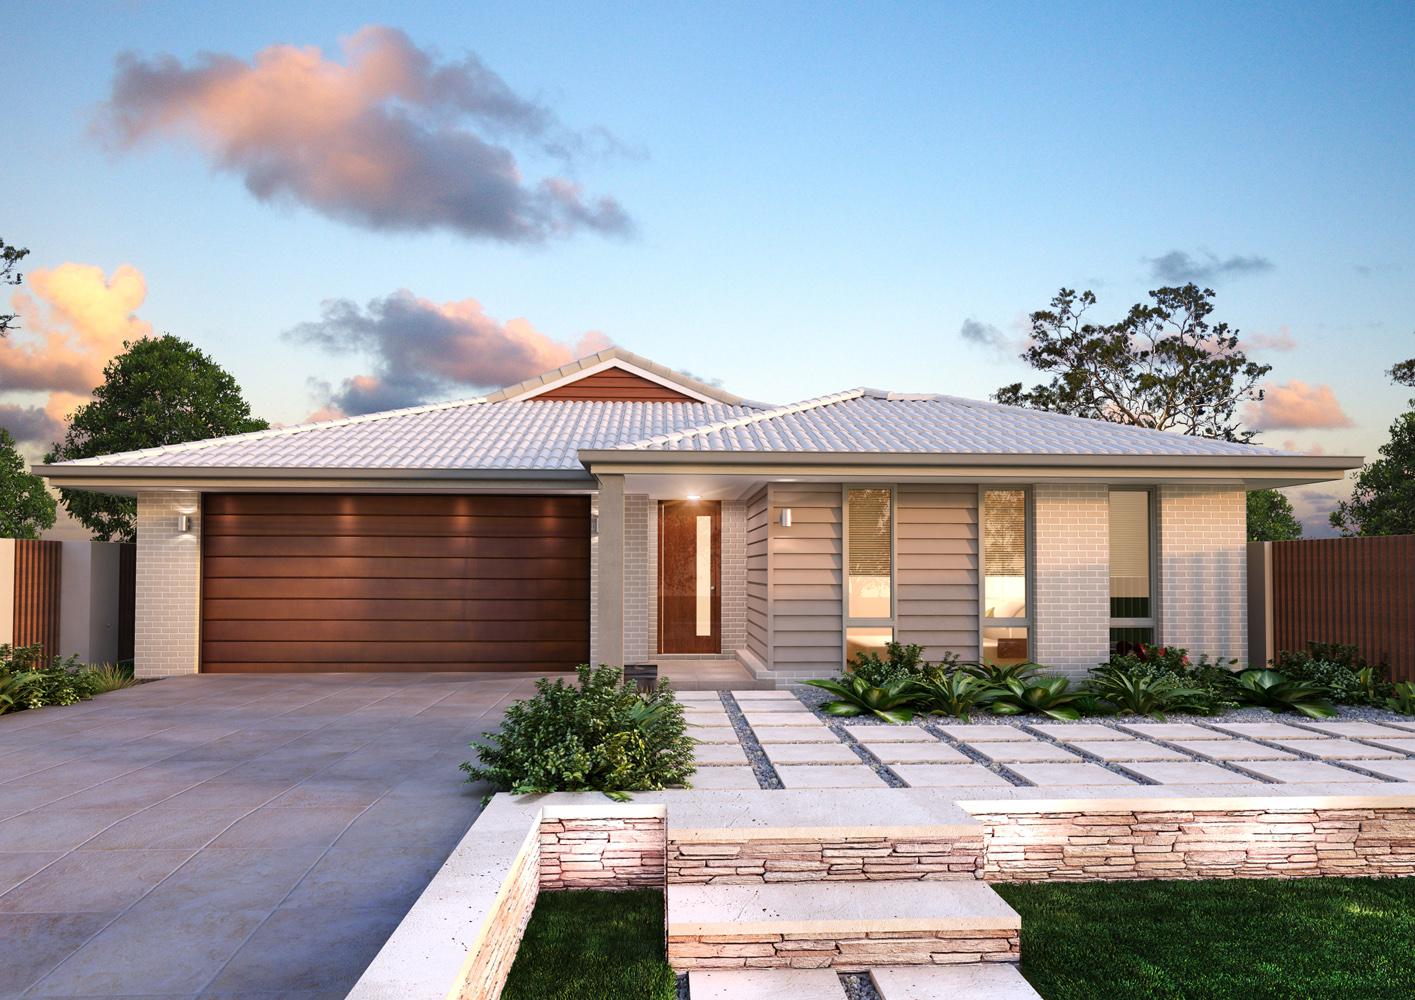 Nsw home designs home design ideas for Sydney home designs